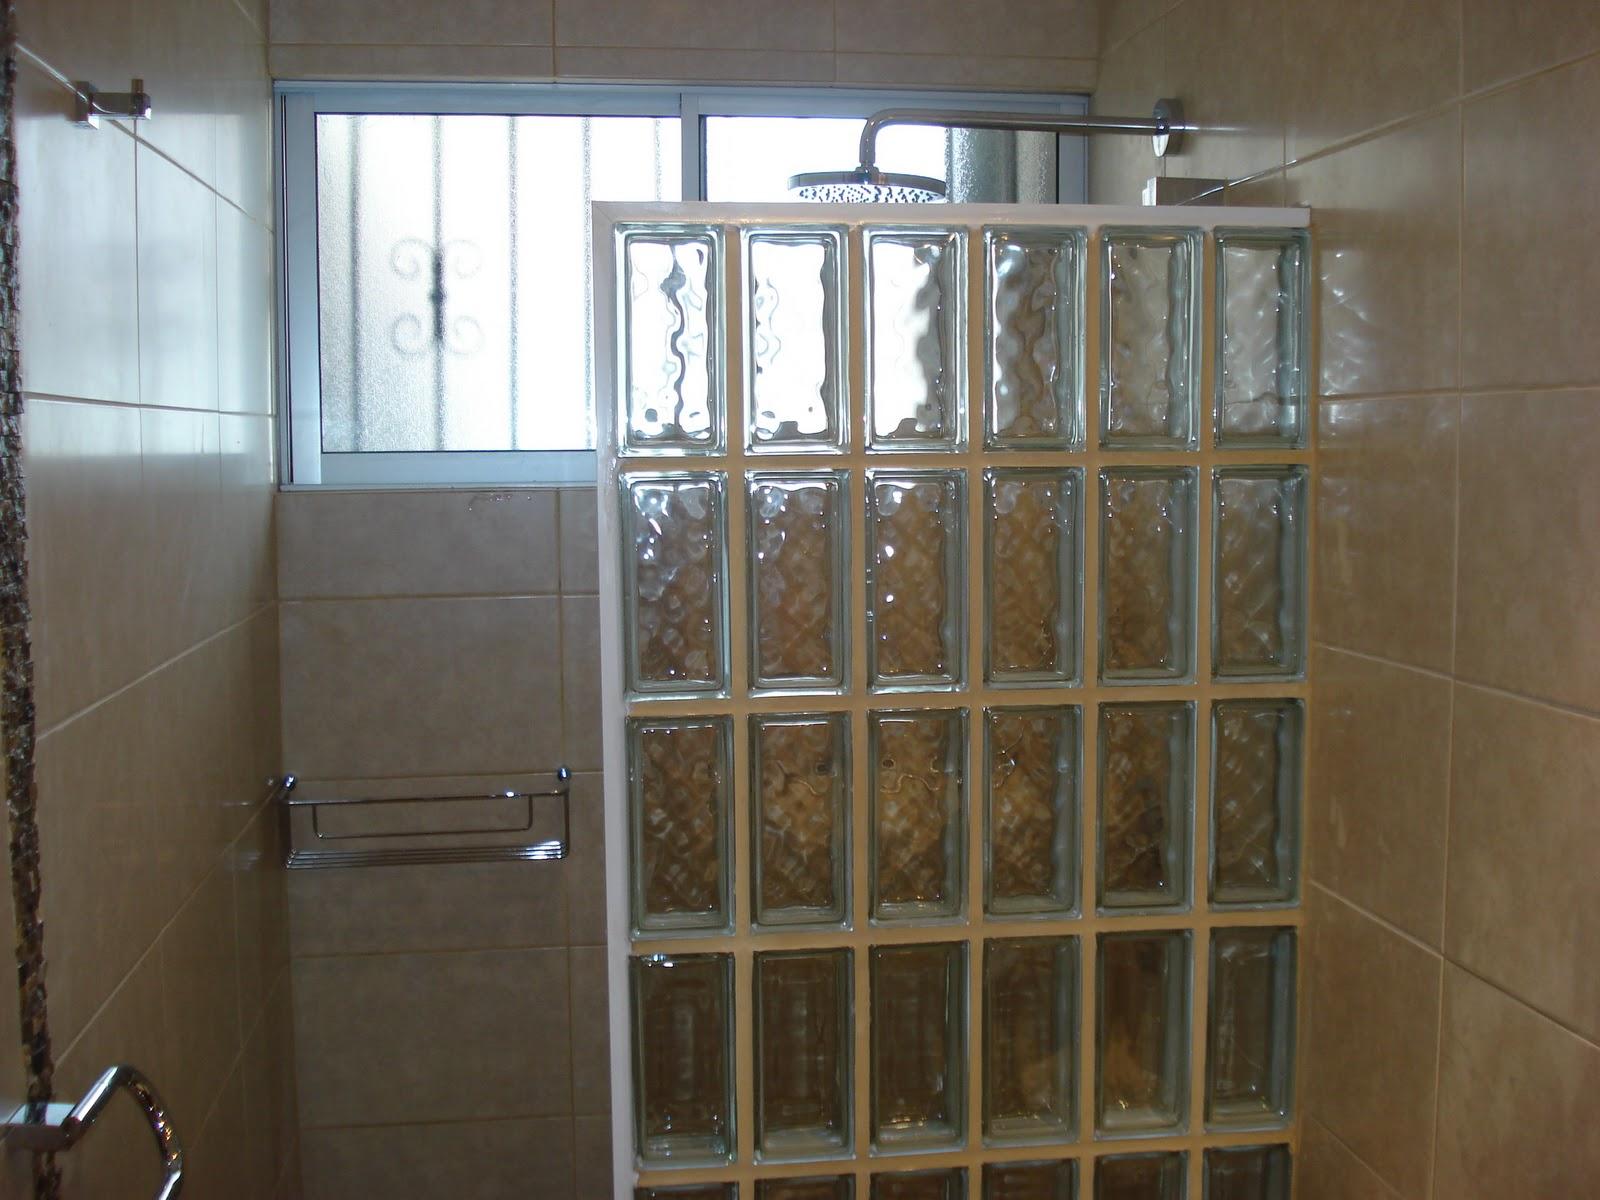 Estructuras met licas remodelacion de ba o - Bloques de vidrio para bano ...